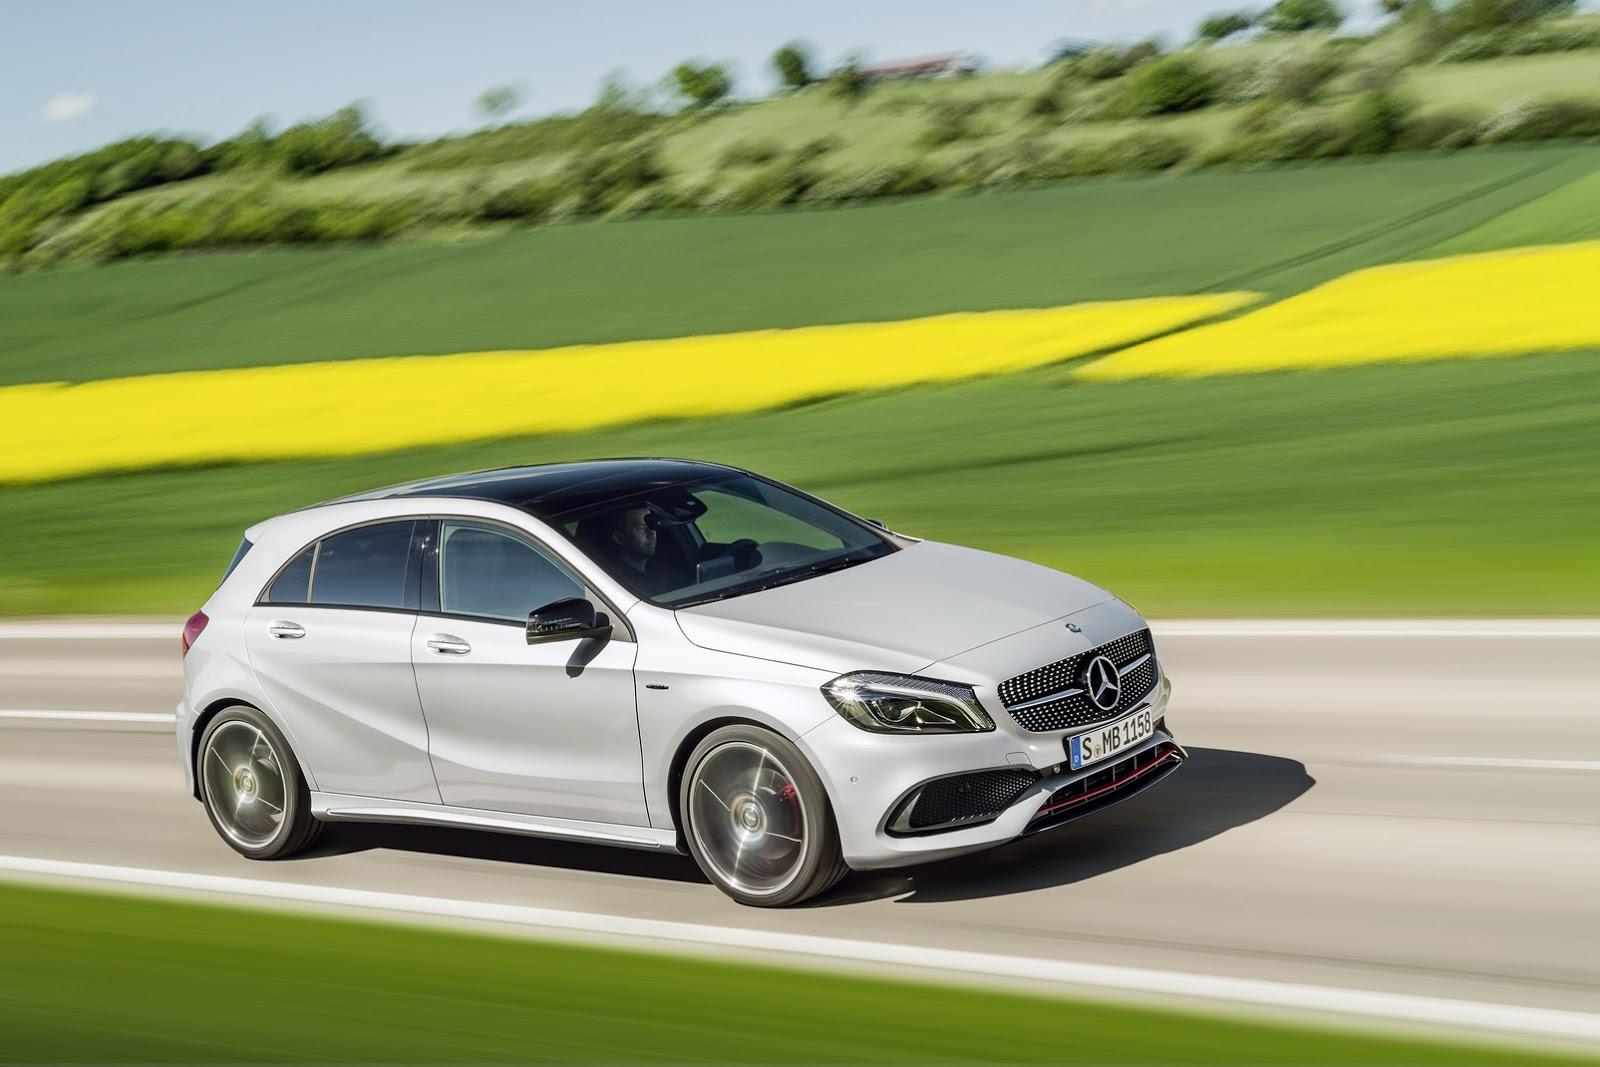 https://www.benzinsider.com/wp-content/uploads/2015/06/2016-Mercedes-Benz-A-Class-31.jpg